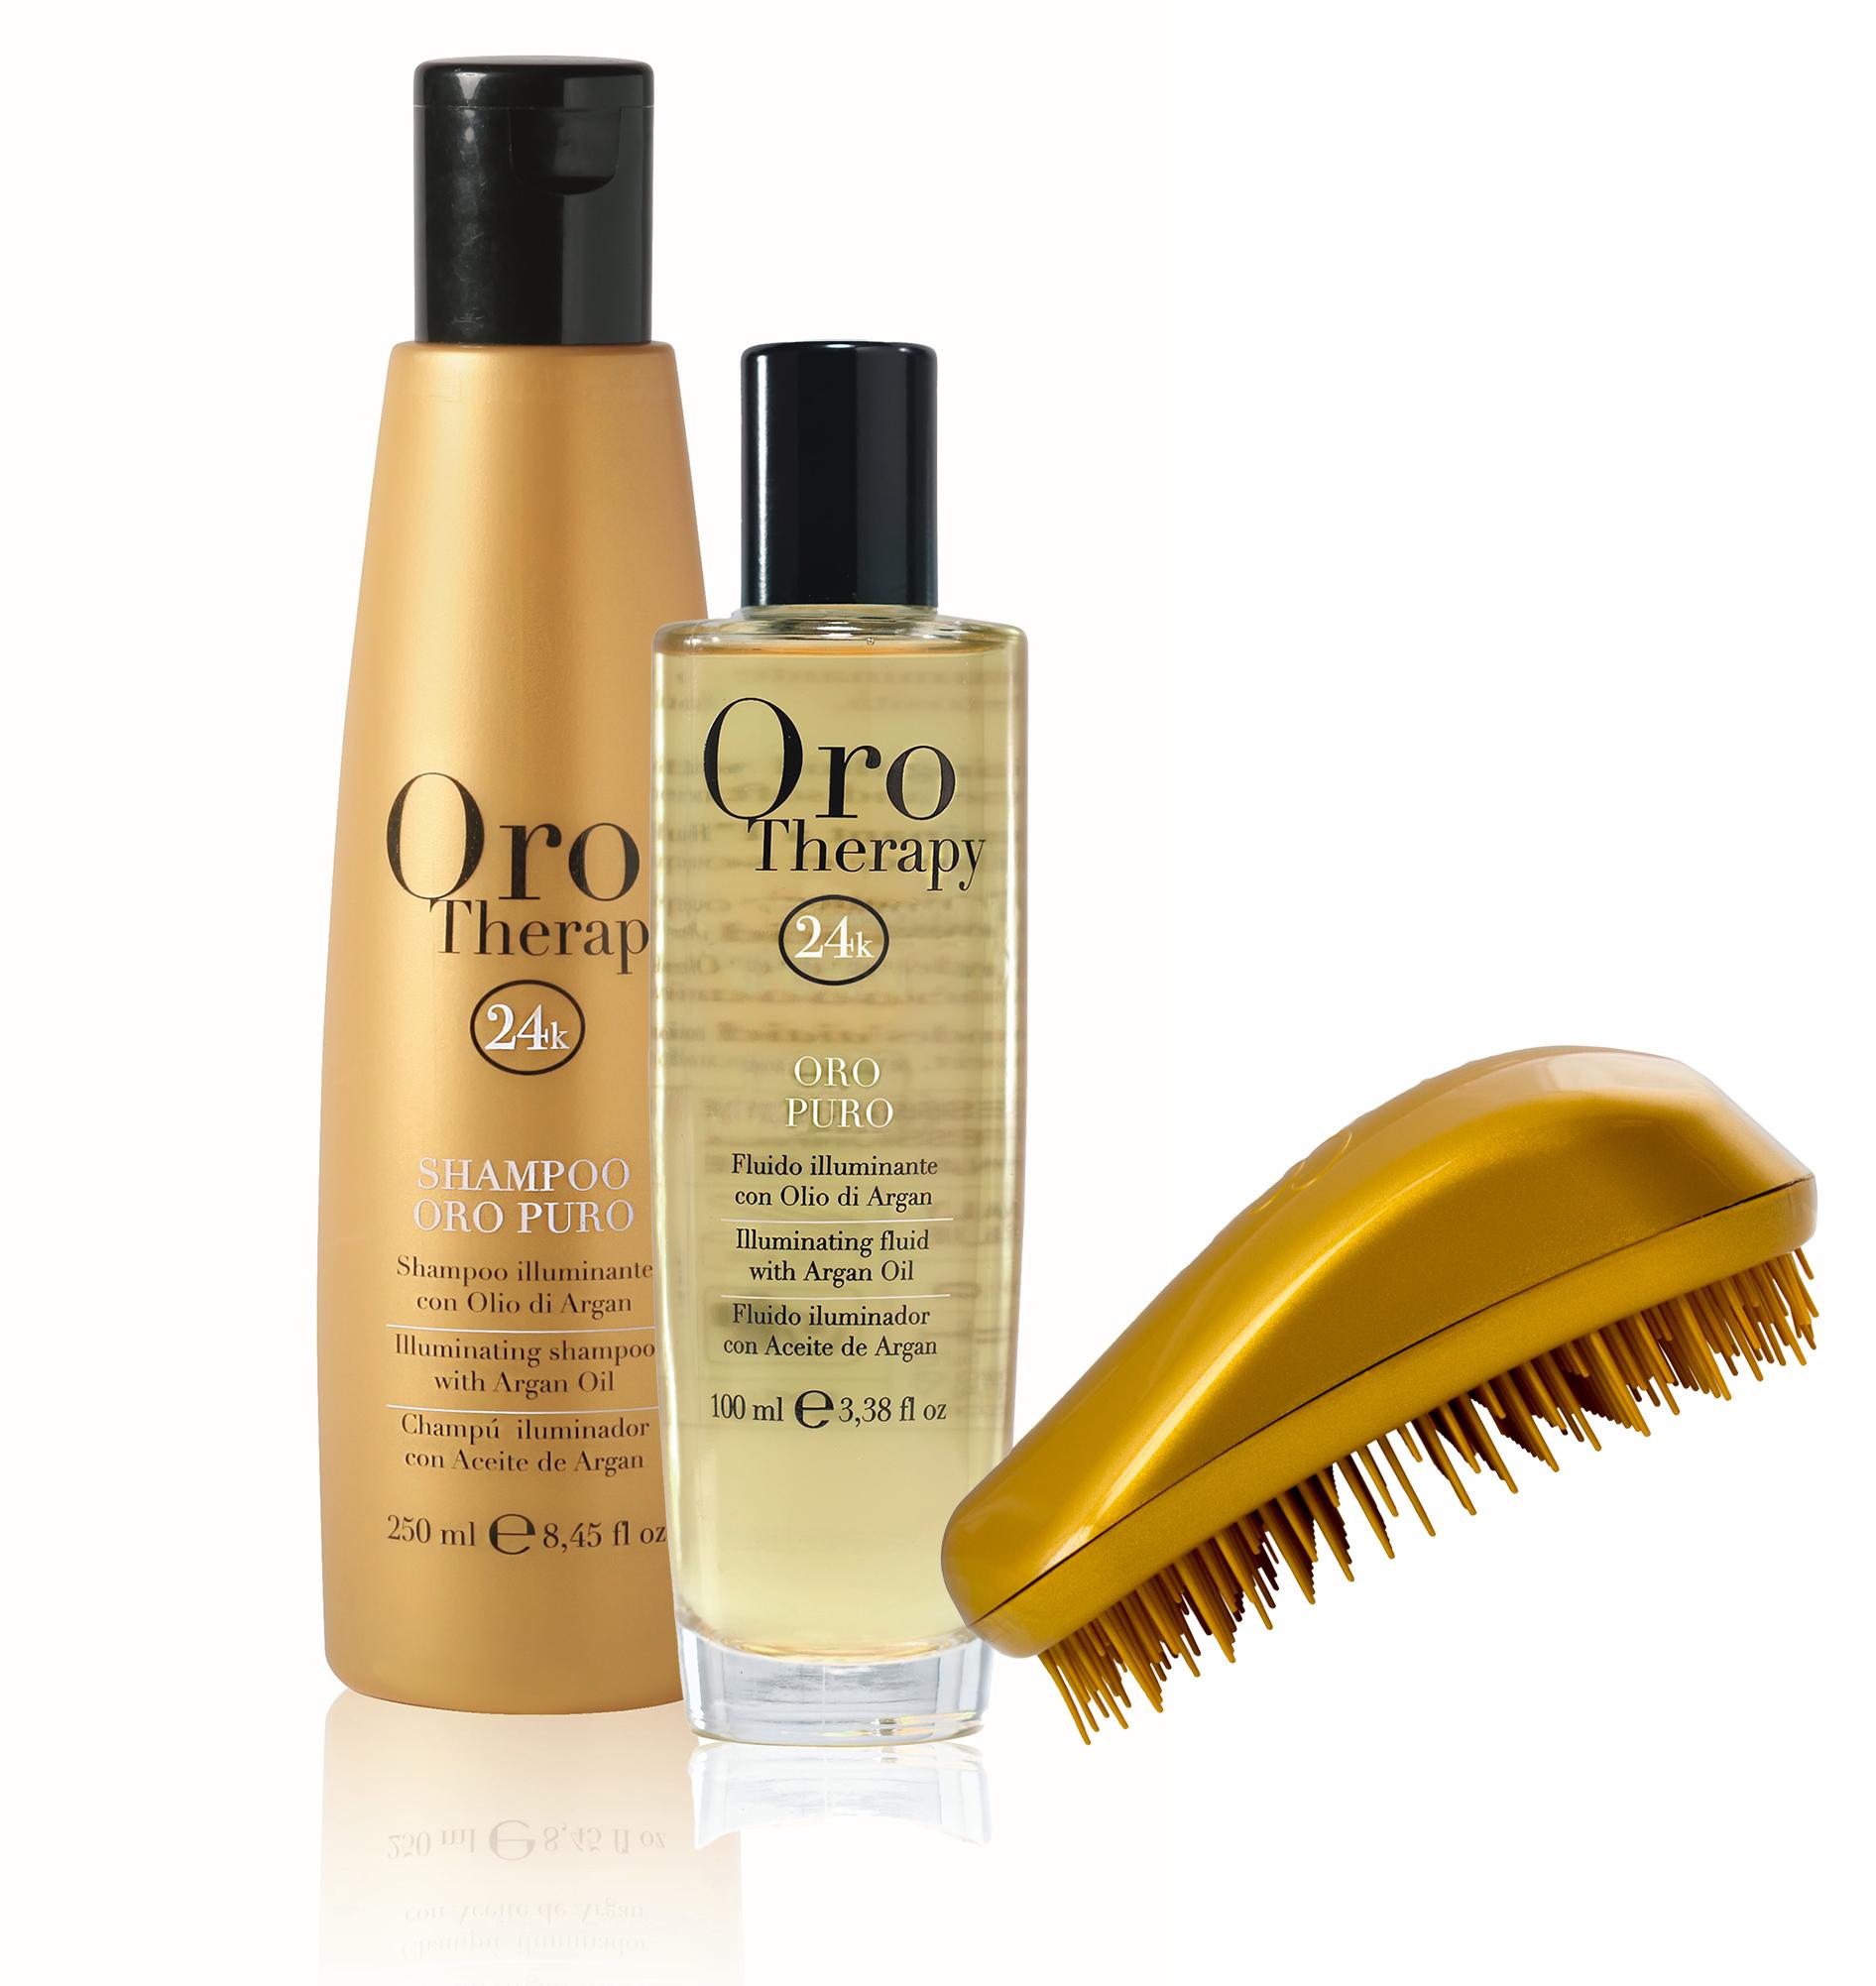 Fanola Set: ORO PURO Therapy Shampoo 300 ml & ORO PURO Therapy Fluid 100 ml + GRATIS Dessata Bürste